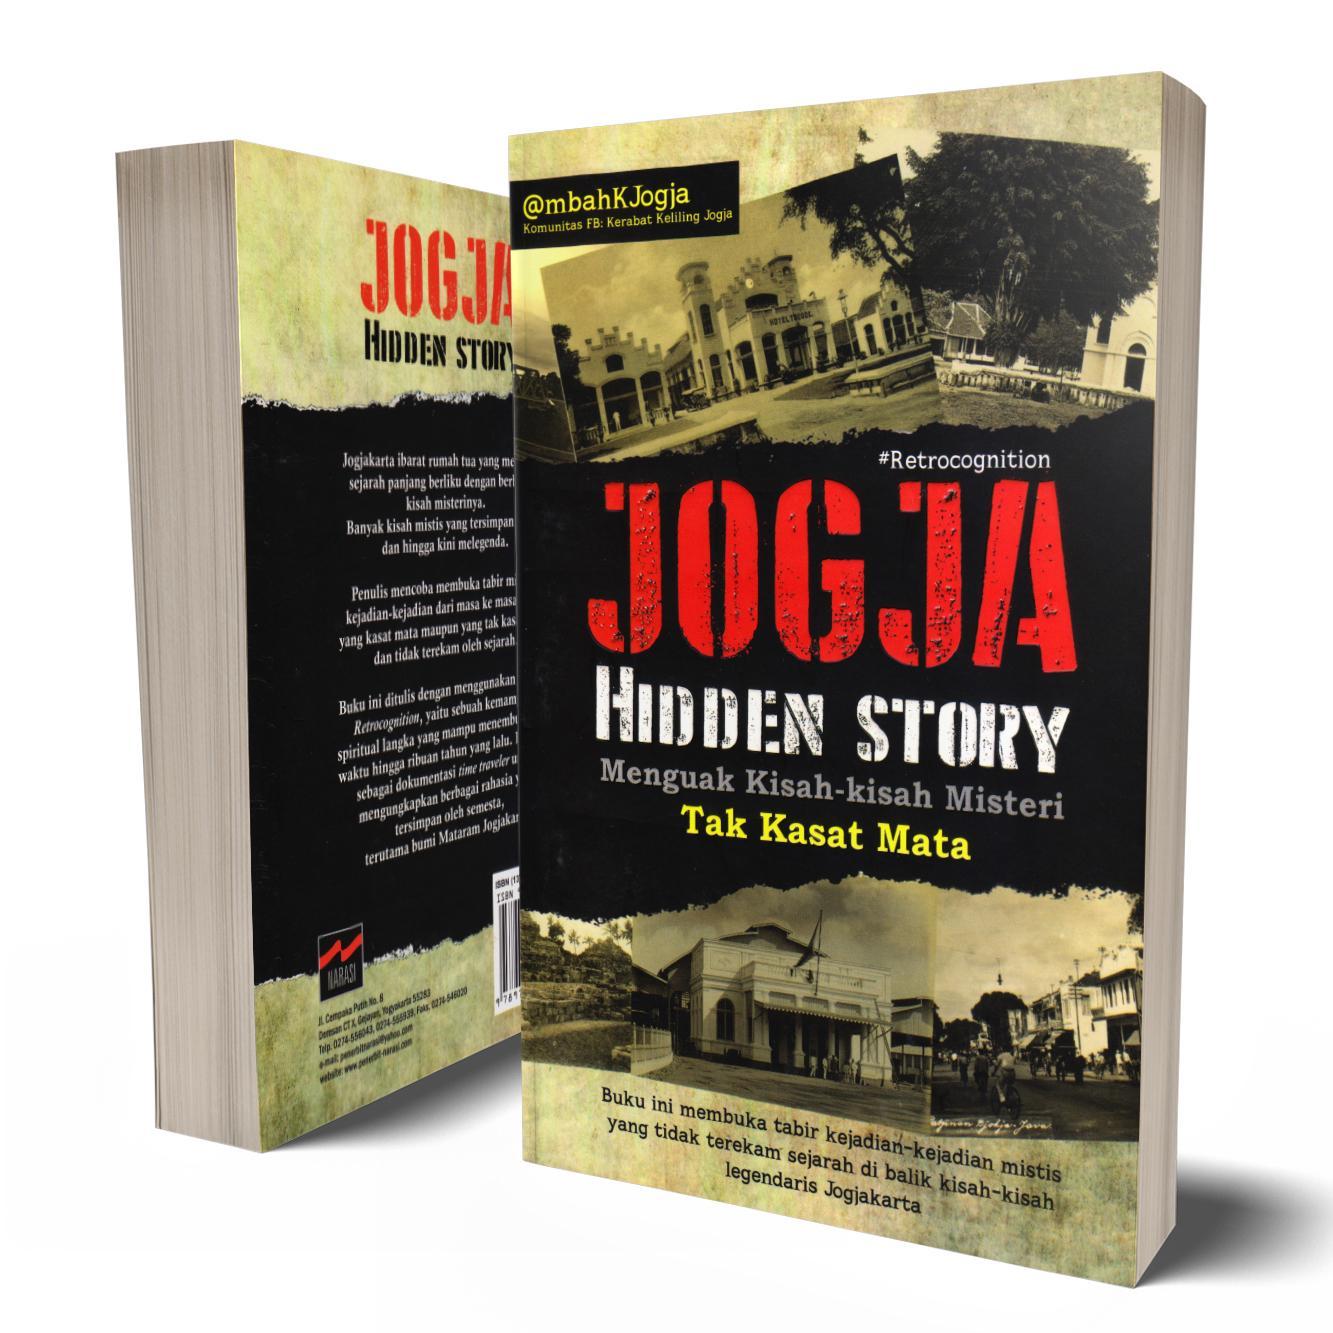 Buku Seru - Jogja Hidden Story; Menguak Kisah-kisah Misteri Tak kasat Mata